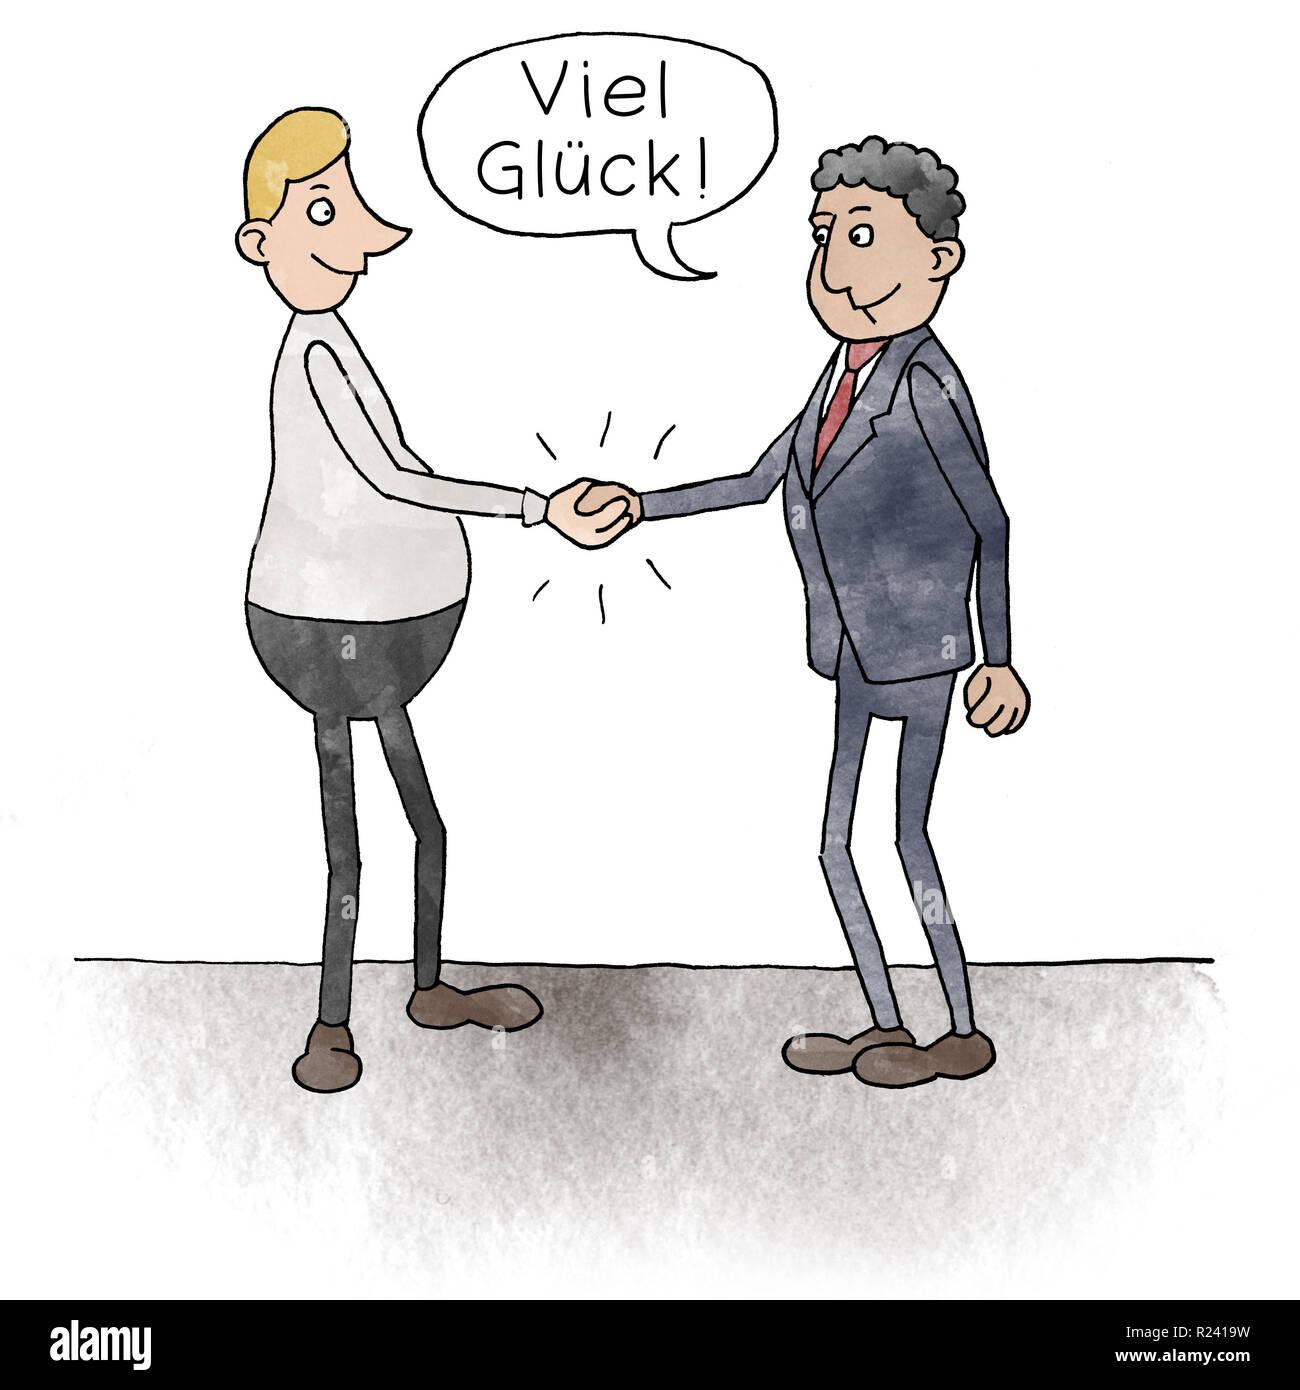 Cartoon zwei Geschäftsmänner geben sich die Hand mit Sprechblase: Viel Glück - Stock Image